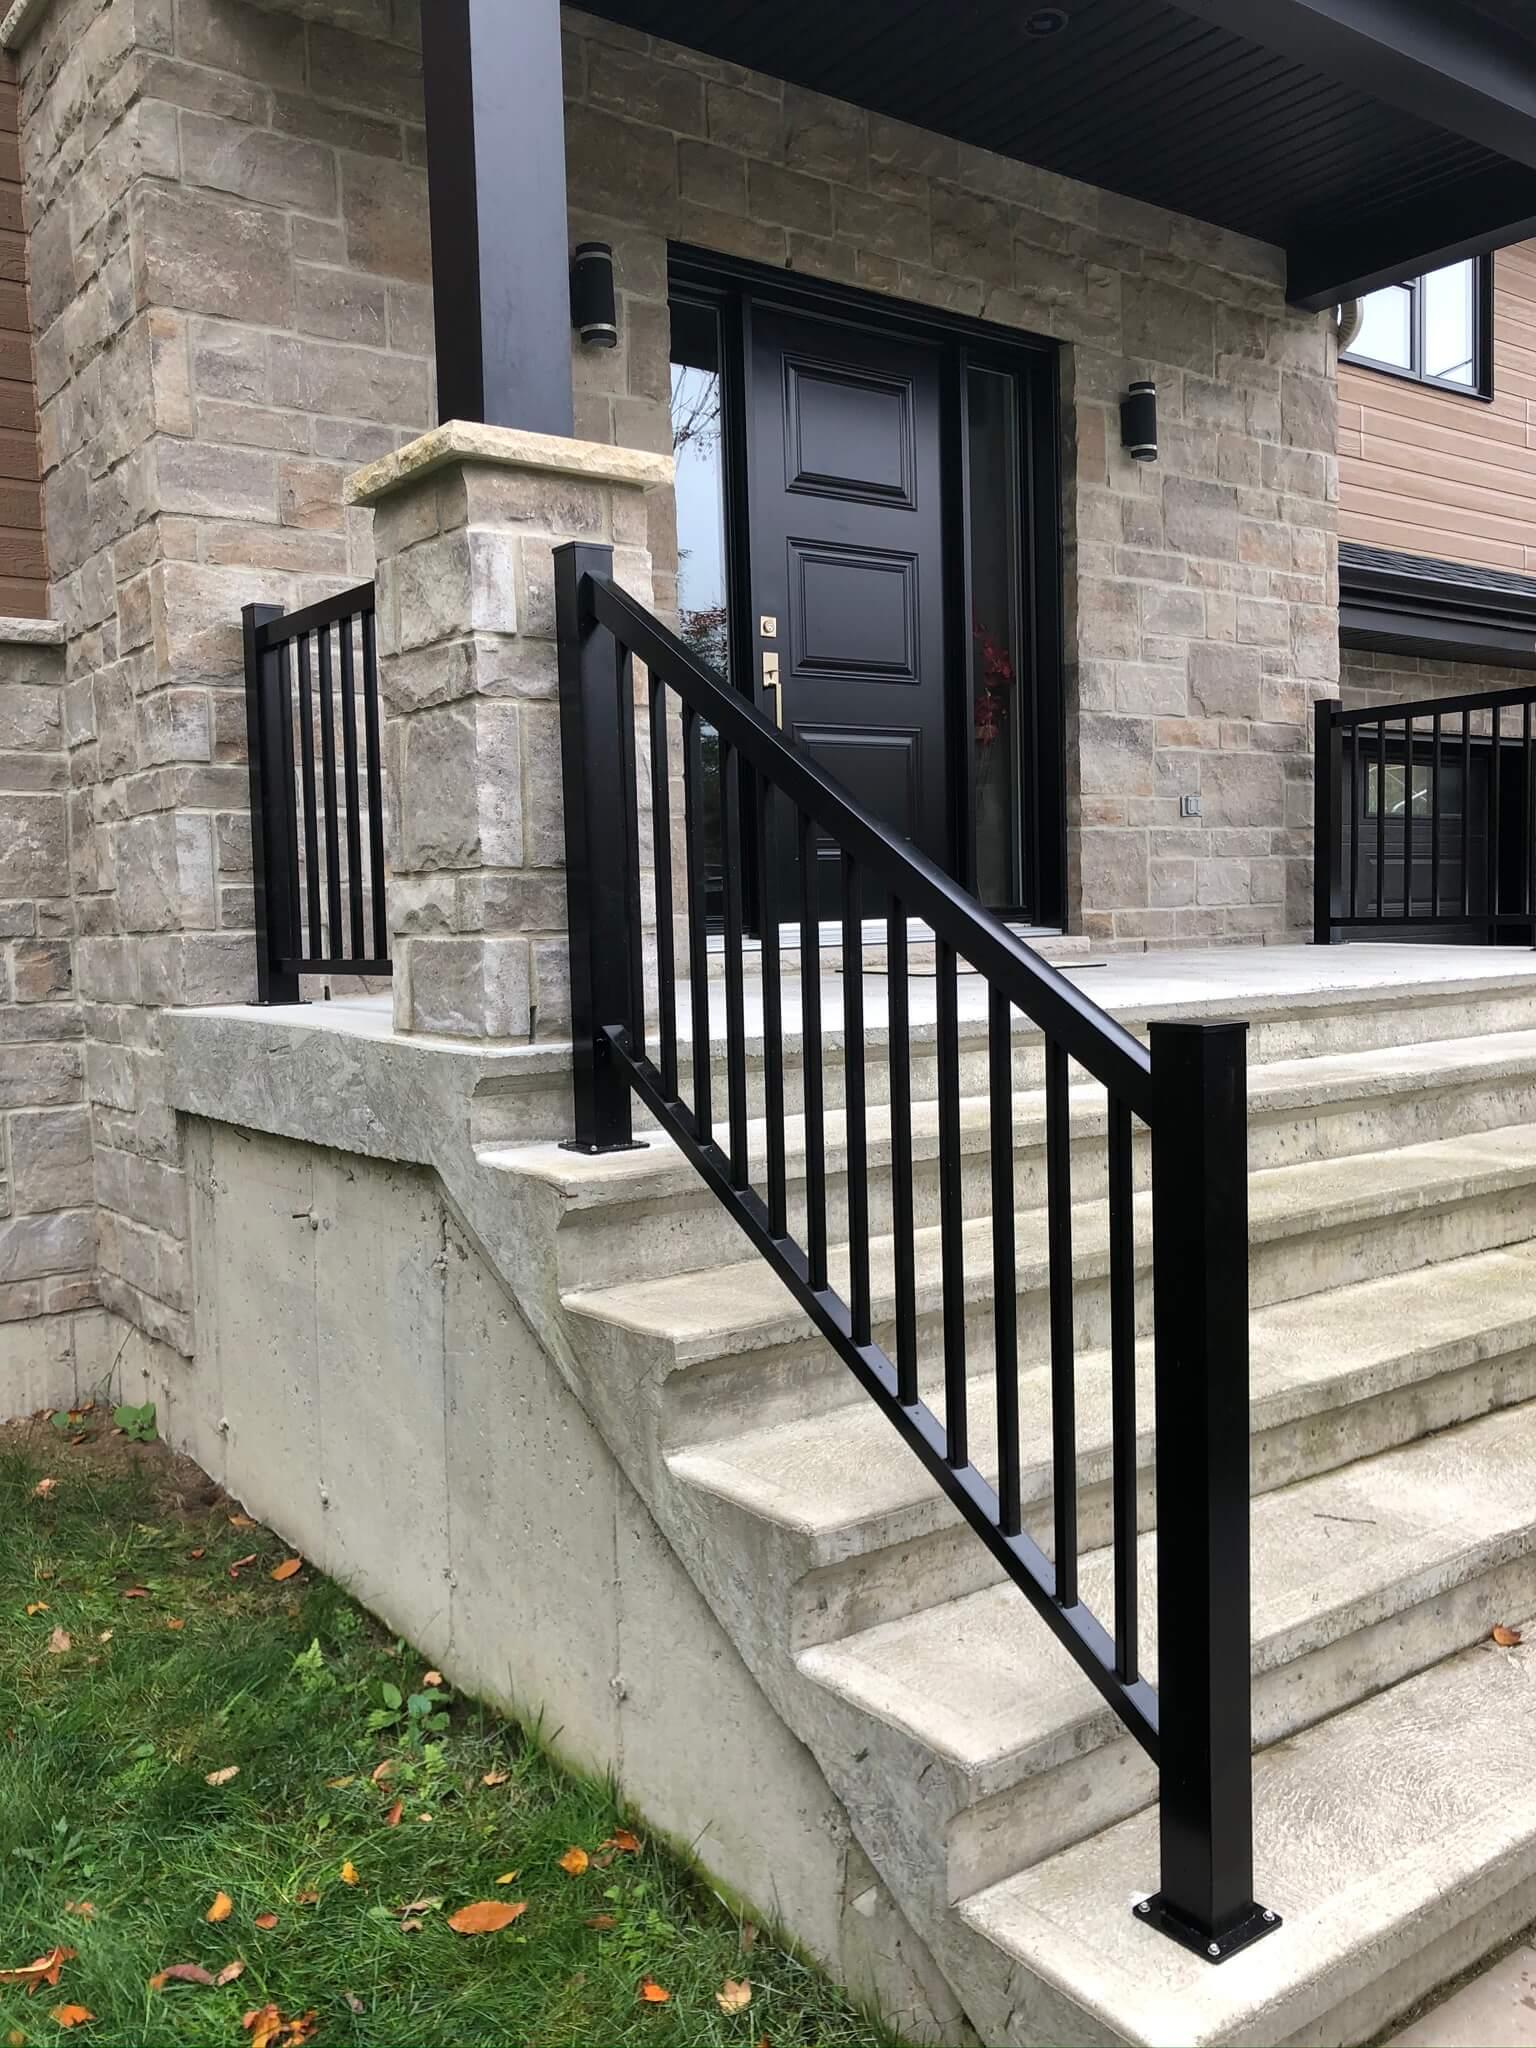 rampe en aluminium escalier en béton 03